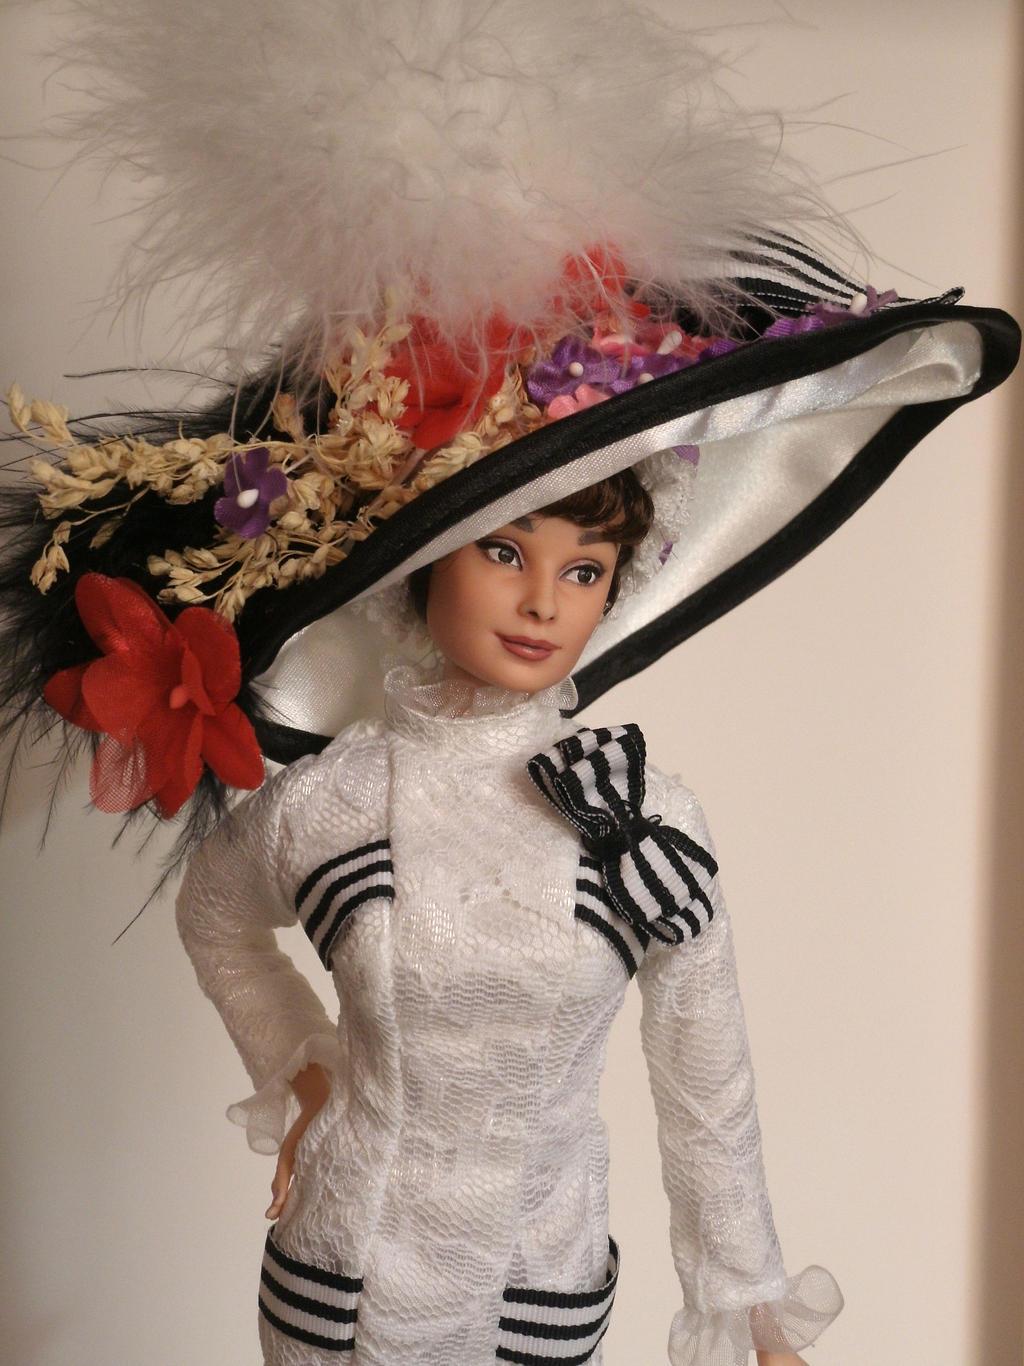 Audrey Hepburn My Fair Lady OOAK doll by lulemee